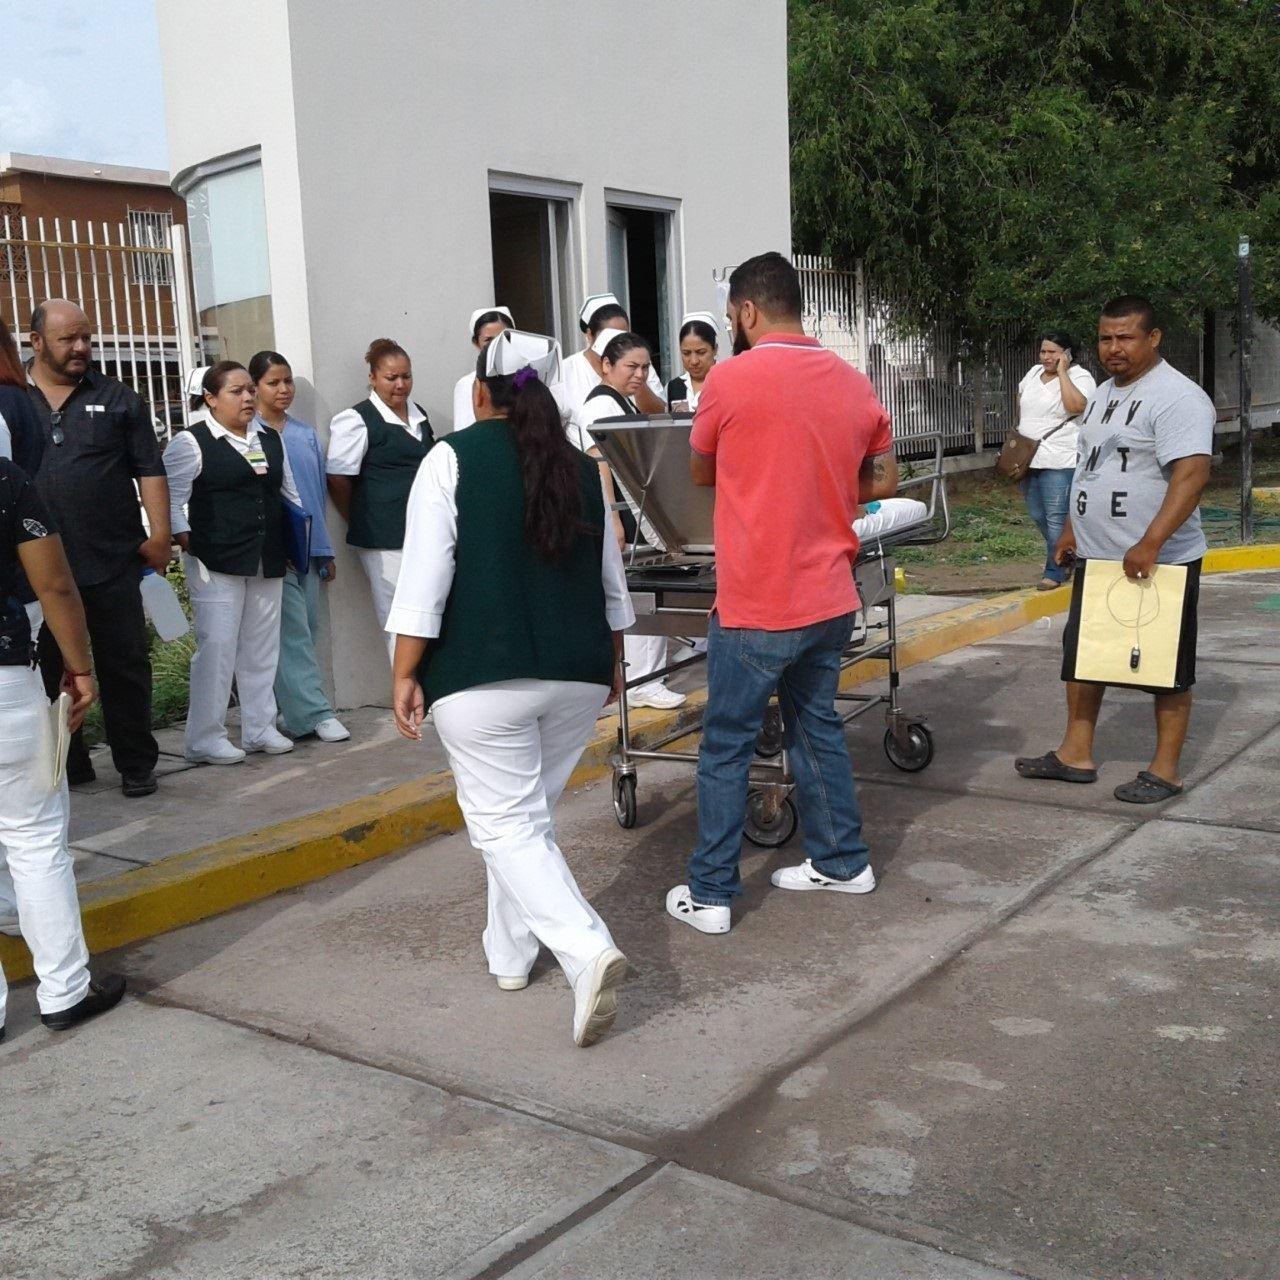 AFUERA. Todo el personal médico, administrativo y de enfermería del Hospital #17 del IMSS en esta ciudad, permanecieron en el exterior del inmueble durante varios minutos como parte del simulacro de sismo.